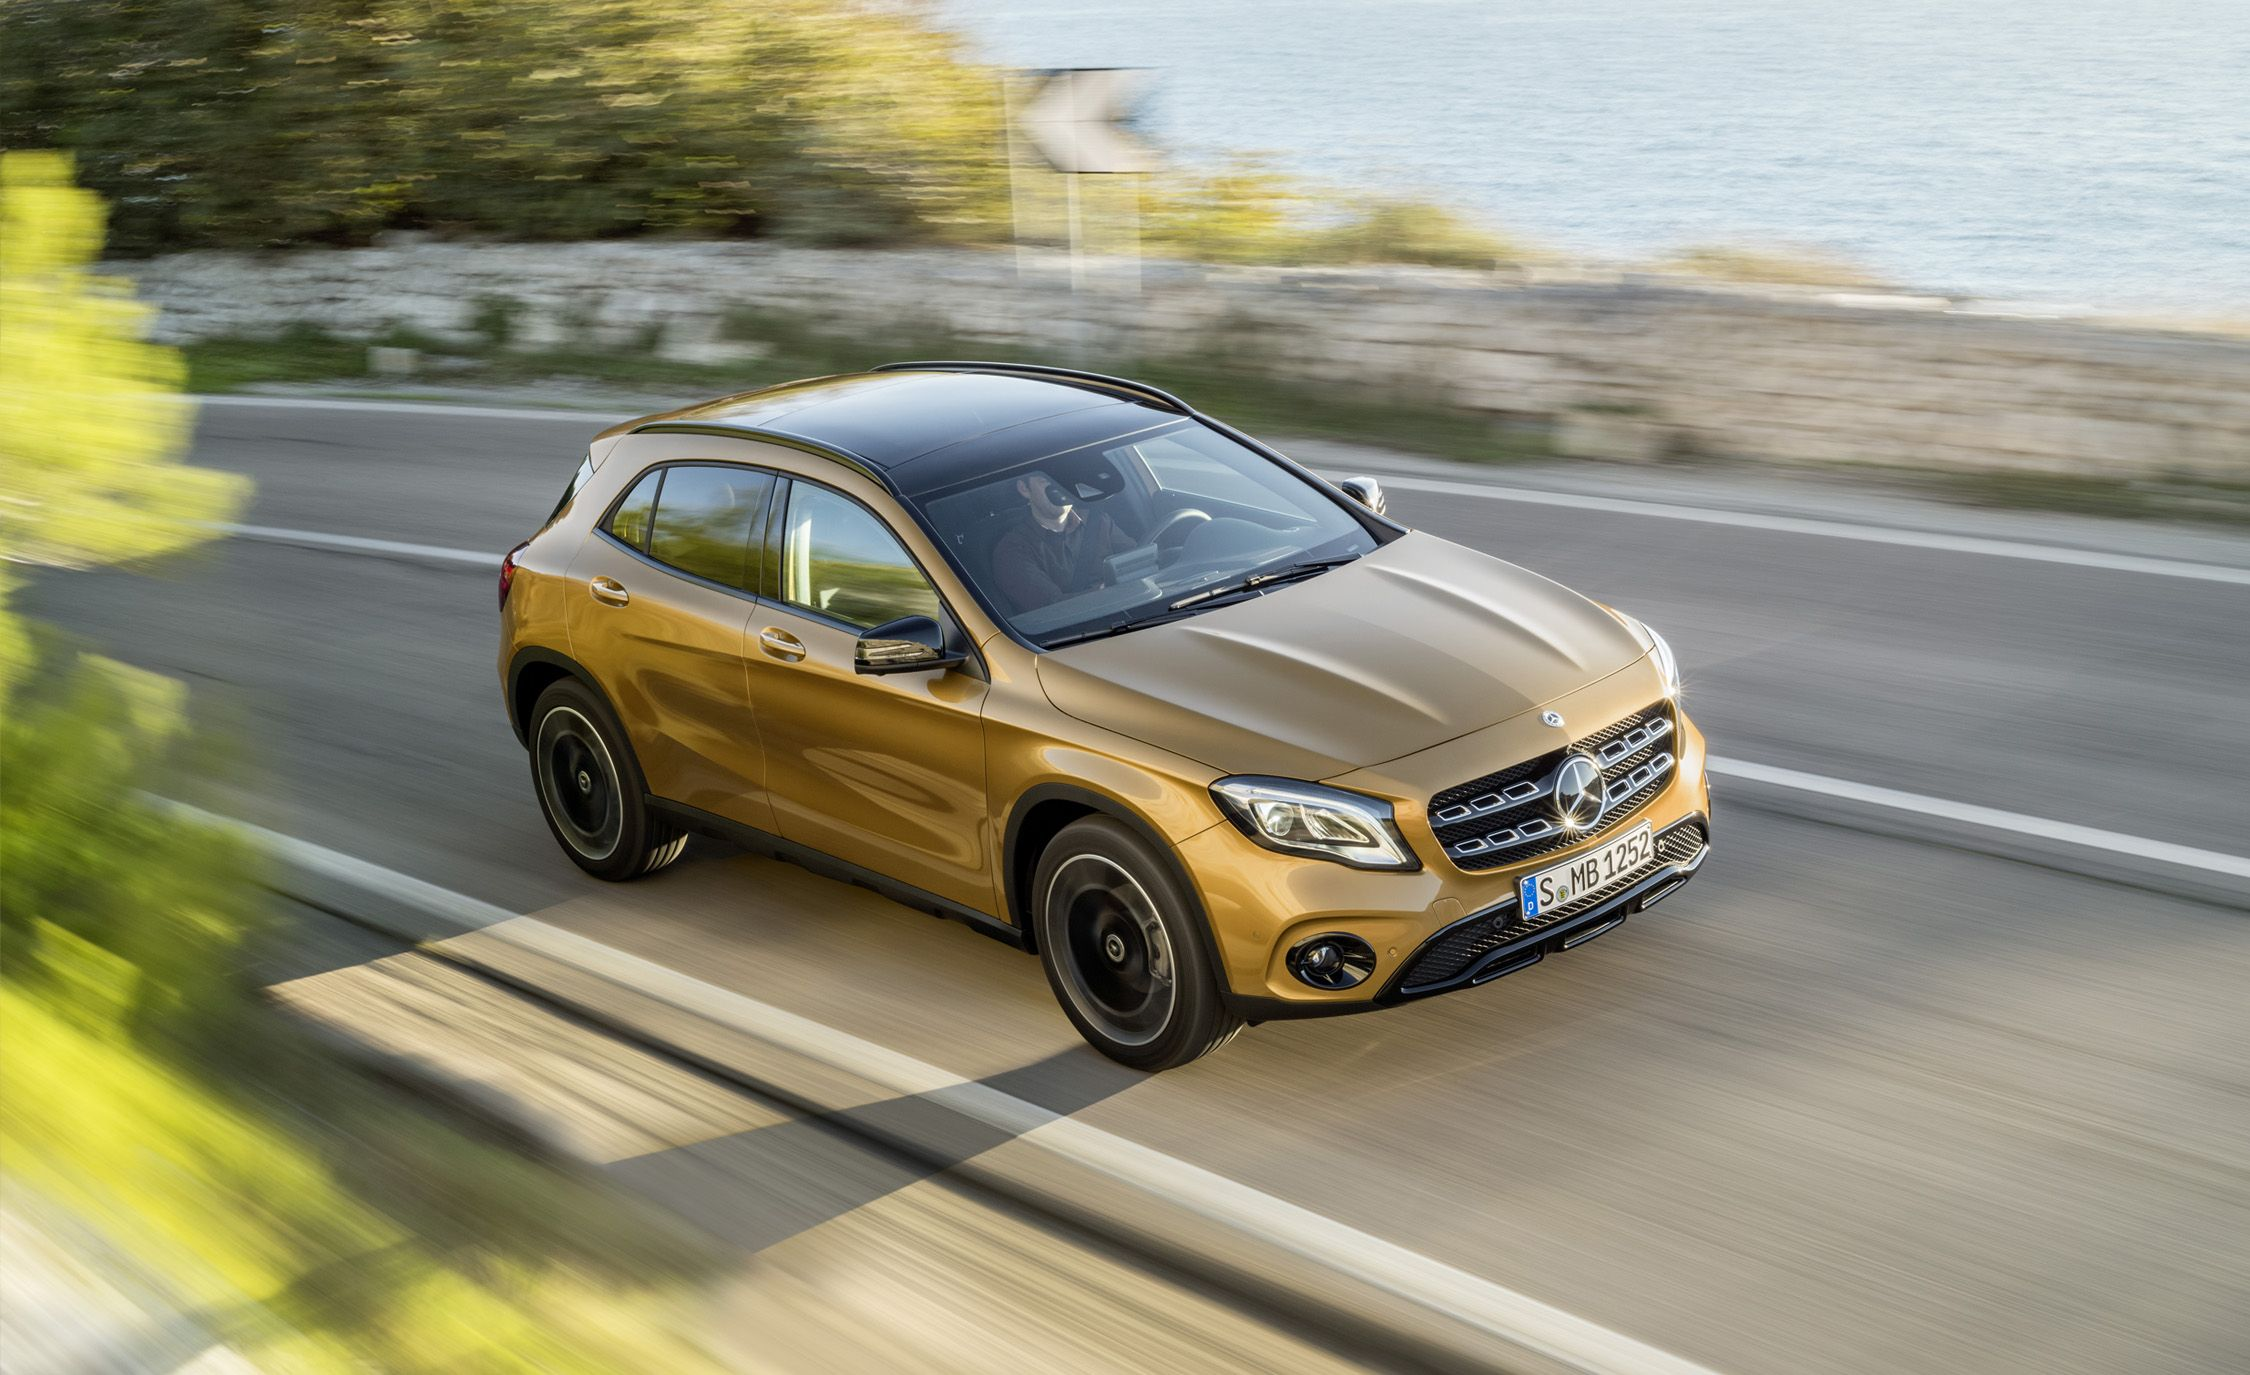 2018 Mercedes-Benz GLA-class